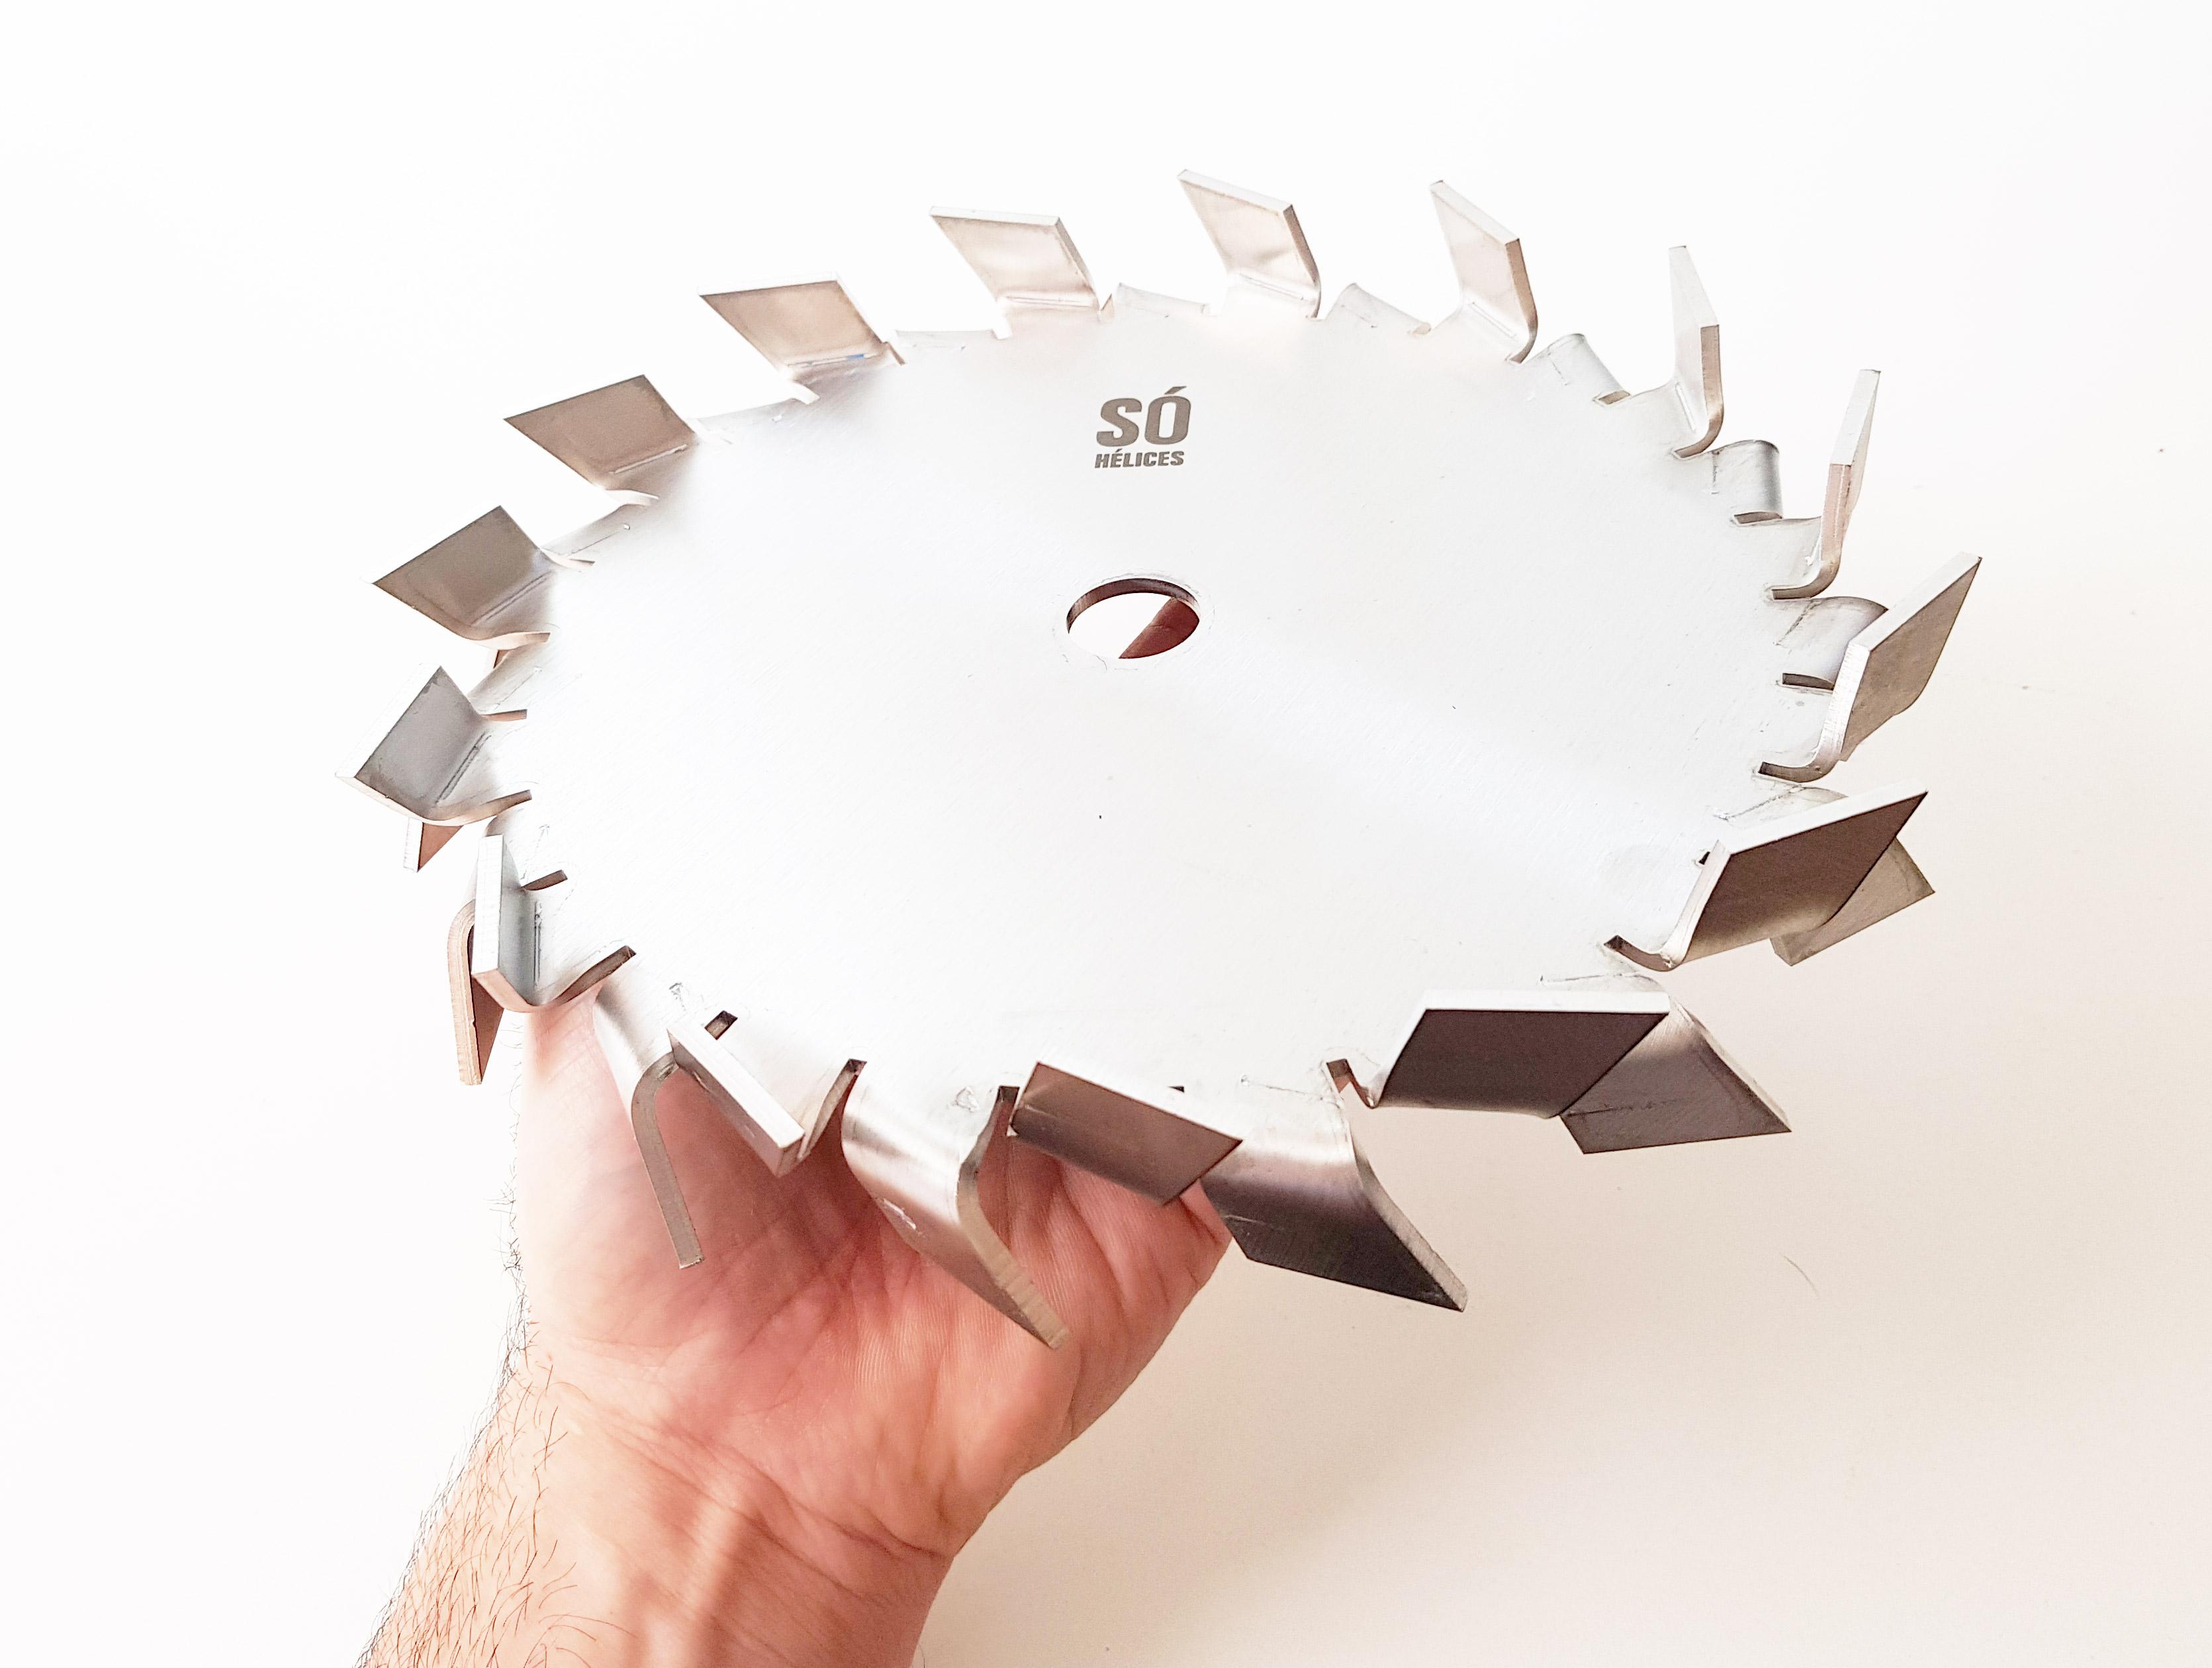 Disco dispersor para tintas e texturas